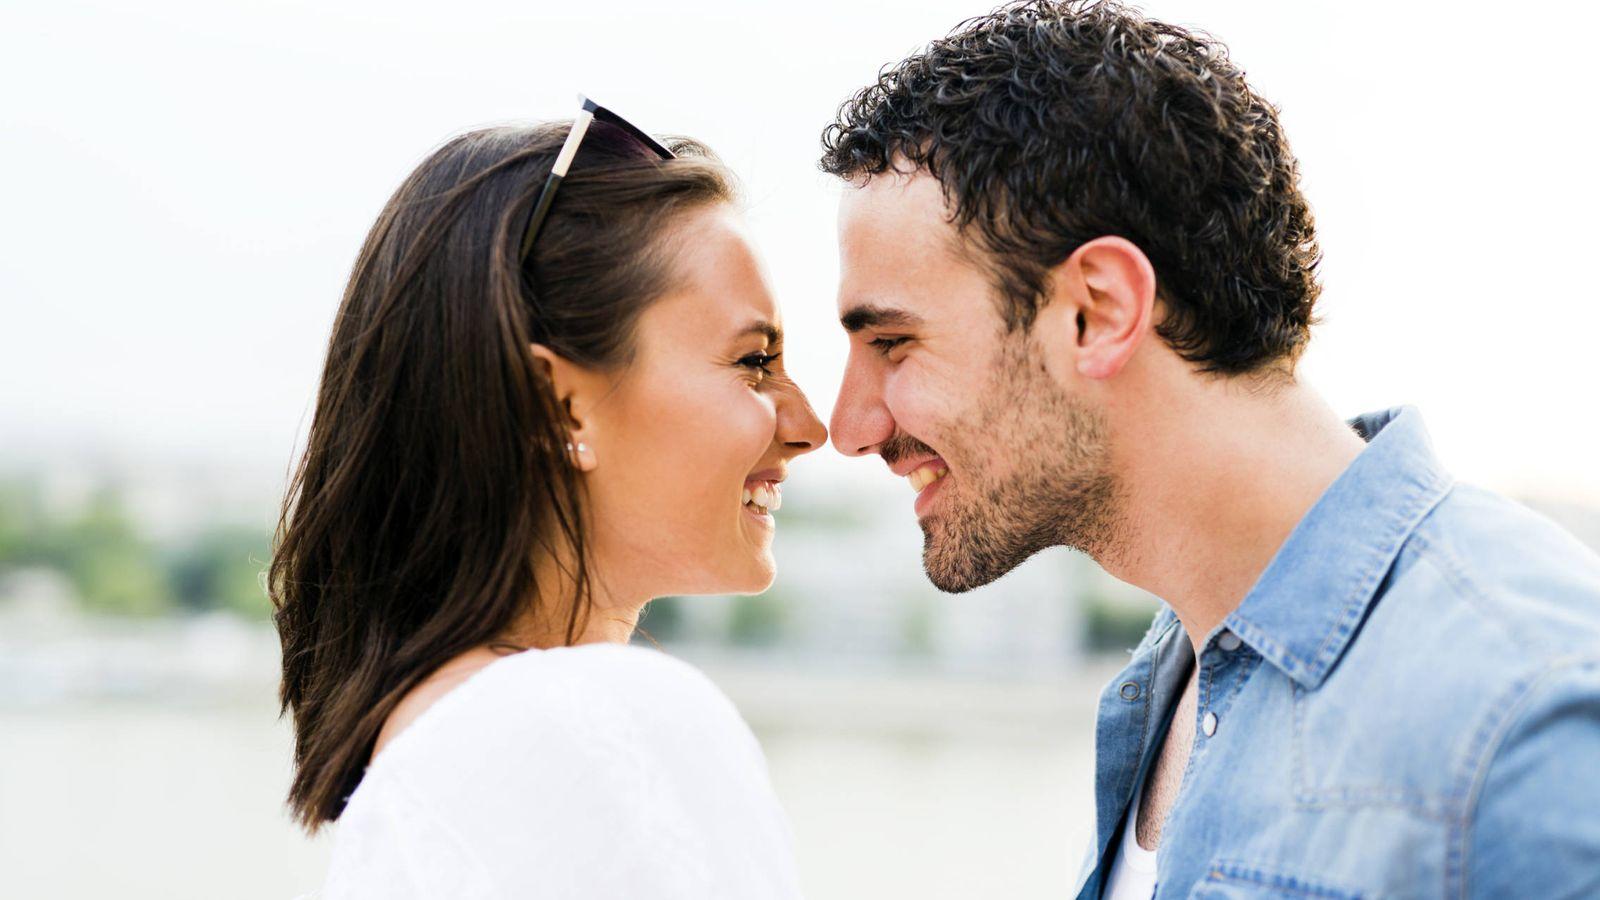 Relaciones Sexuales Convertir La Amistad En Amor Un Estudio Revela Como Hacerlo Facilmente